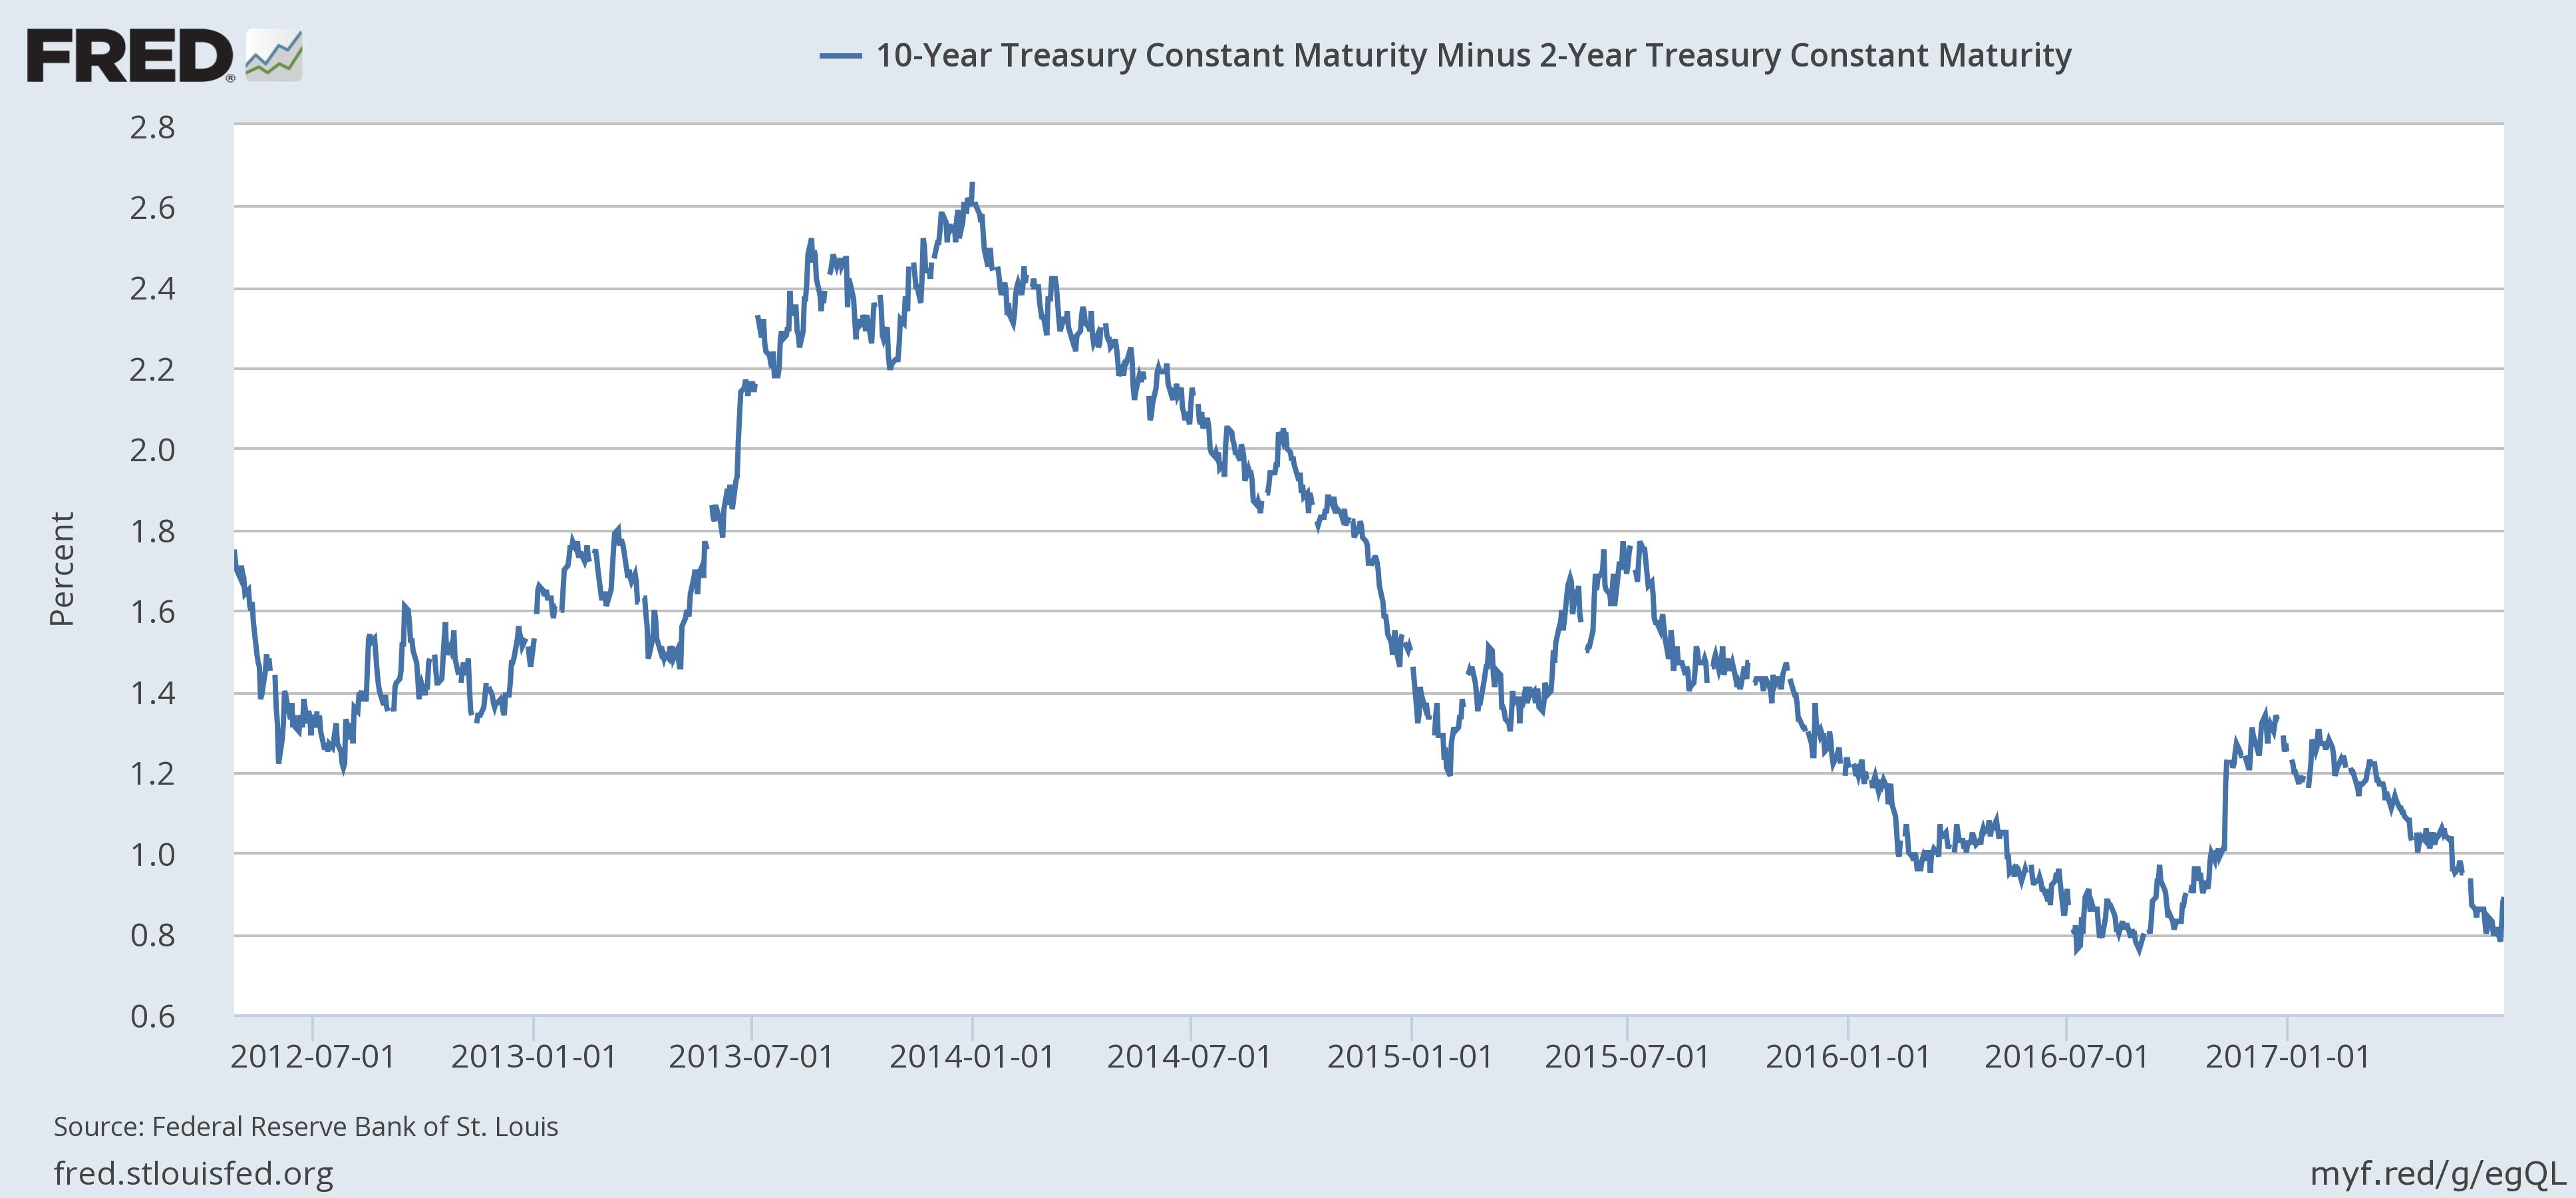 10 - Year Treasurt Constant Maturity Minus 2 - Year Treasury Constant Maturity, July 2012 - July 2017